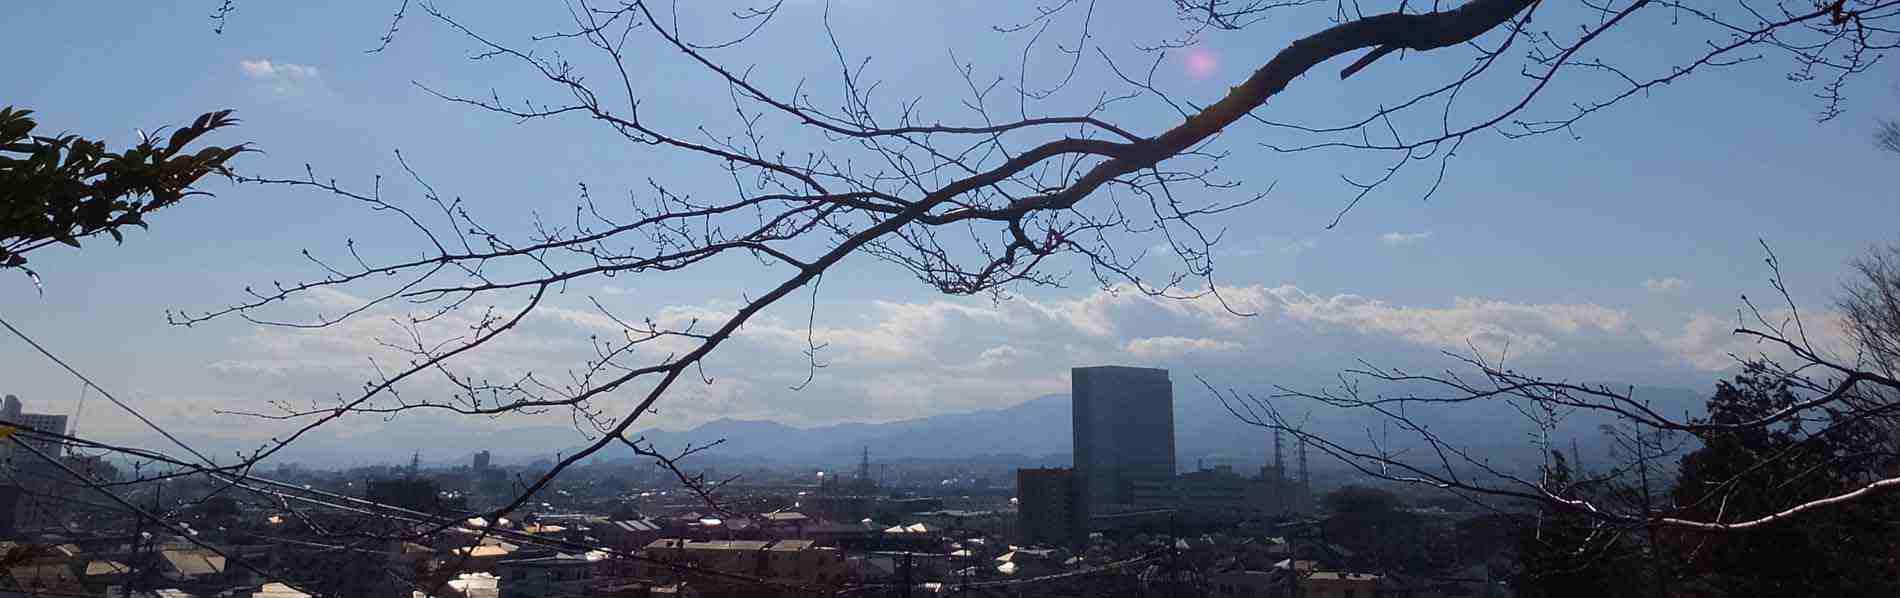 本殿から望む大山丹沢の峰々です。